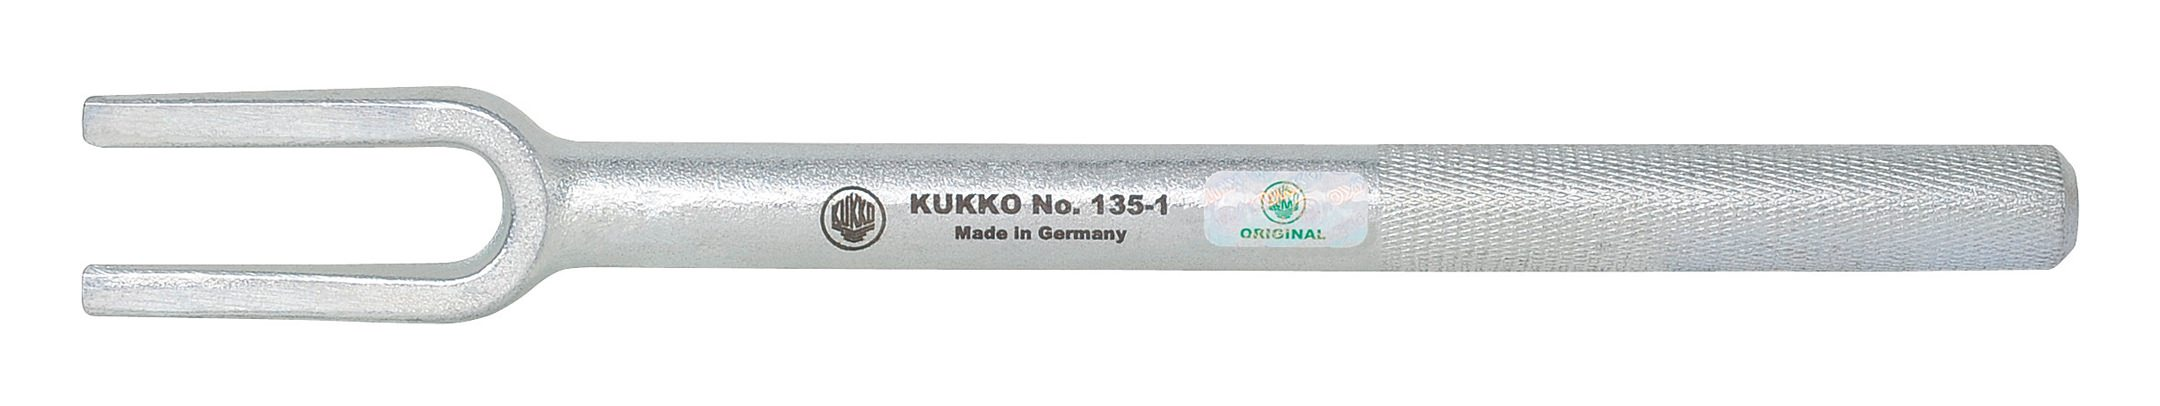 KUKKO Trenngabeln Größe 2 - 135-2